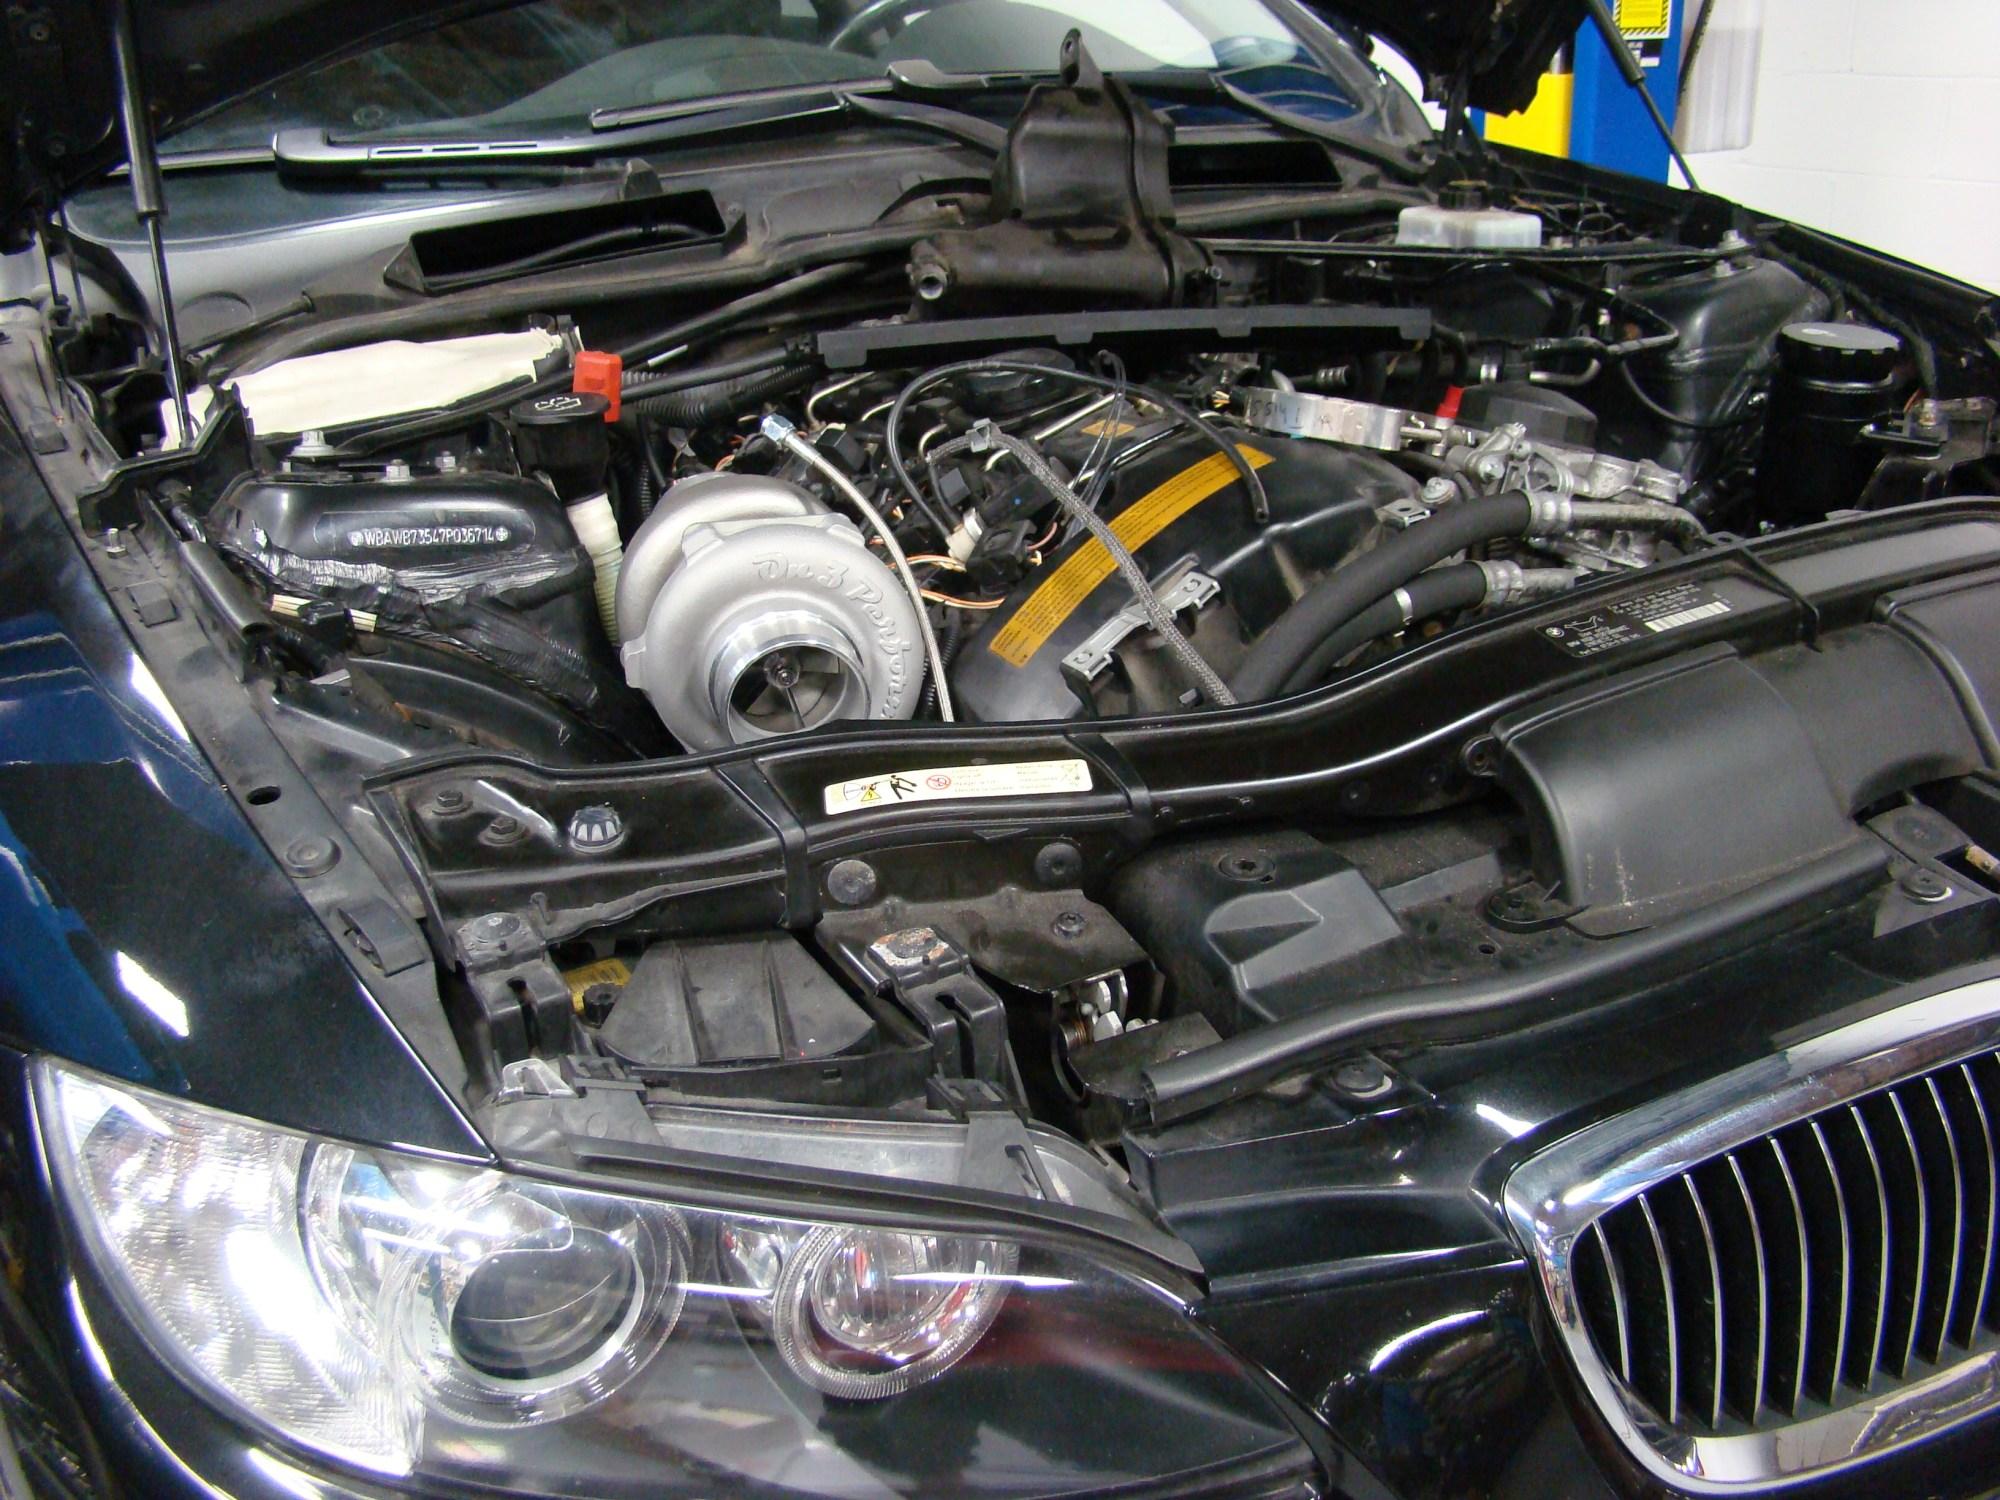 hight resolution of e90 335i engine diagram metal halide ballast wiring bmw 335i engine diagram 2007 bmw 335i engine